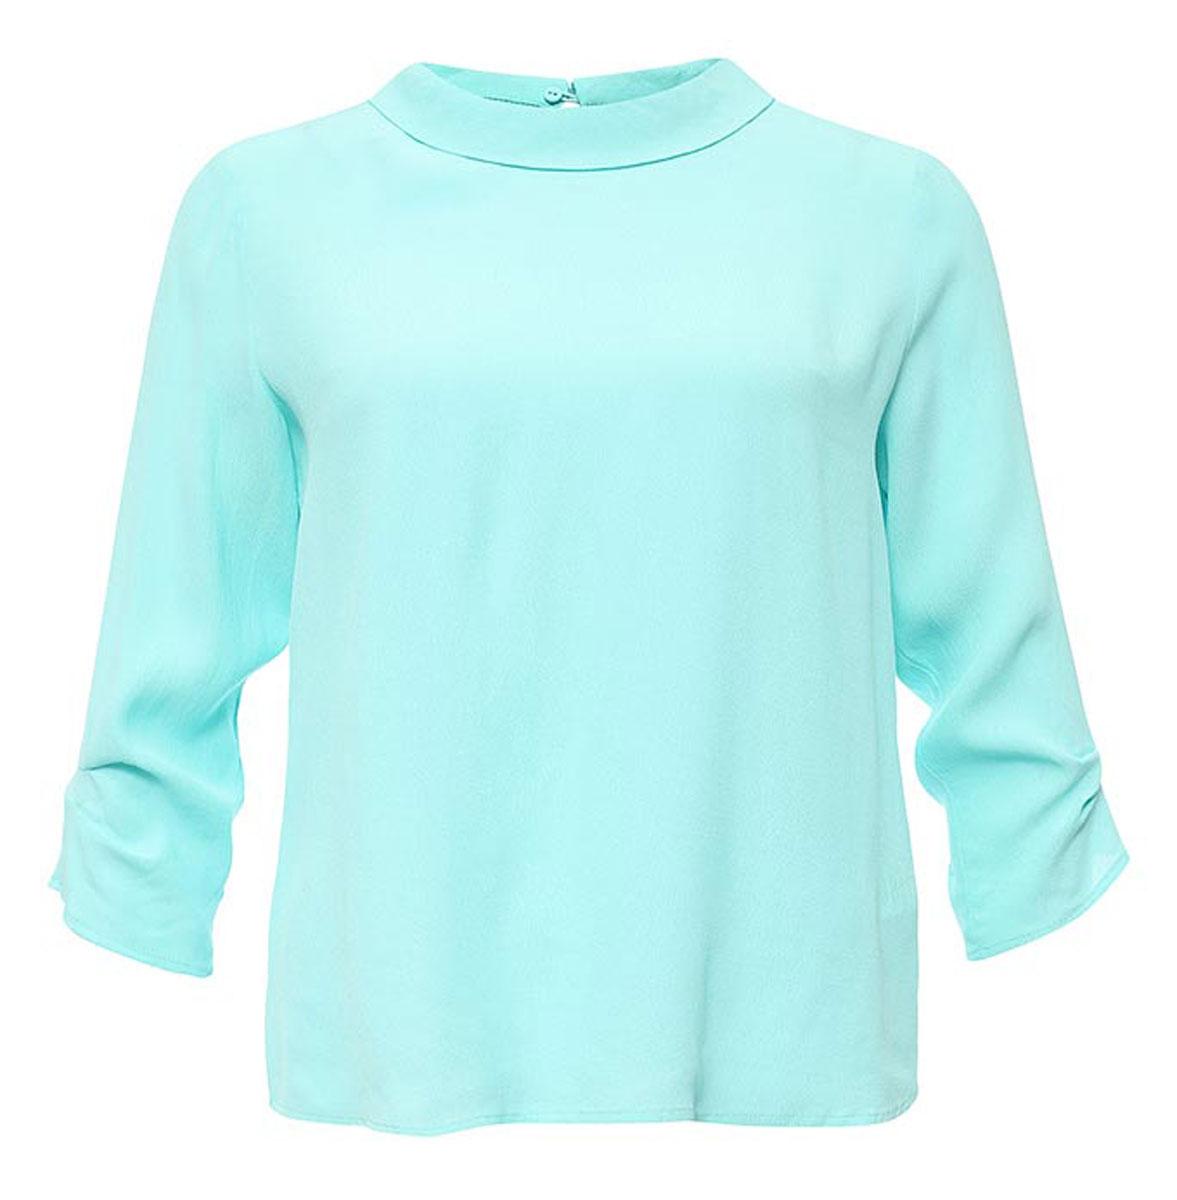 БлузкаTw-112/1172-7131Лаконичная женская блузка Sela выполнена из тонкого легкого материала. Модель прямого кроя с отложным воротничком и рукавами 3/4 застегивается сзади на пуговицу. Блузка подойдет для офиса, прогулок и дружеских встреч и будет отлично сочетаться с джинсами и брюками, и гармонично смотреться с юбками. Мягкая ткань на основе вискозы комфортна и приятна на ощупь.